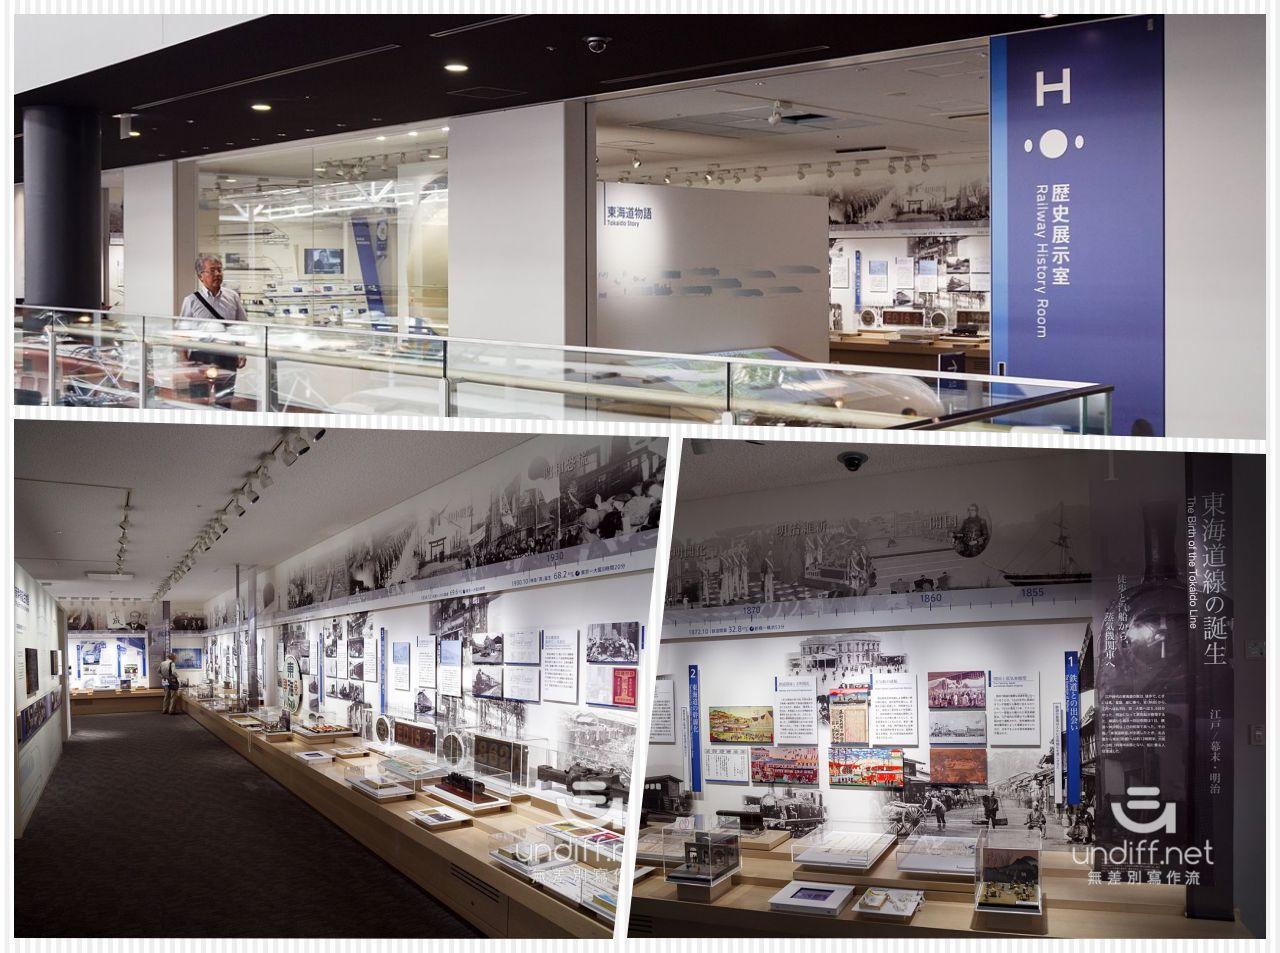 【名古屋景點】JR磁浮鐵道館 》體驗鐵道歷史與科技進步的軌跡 100